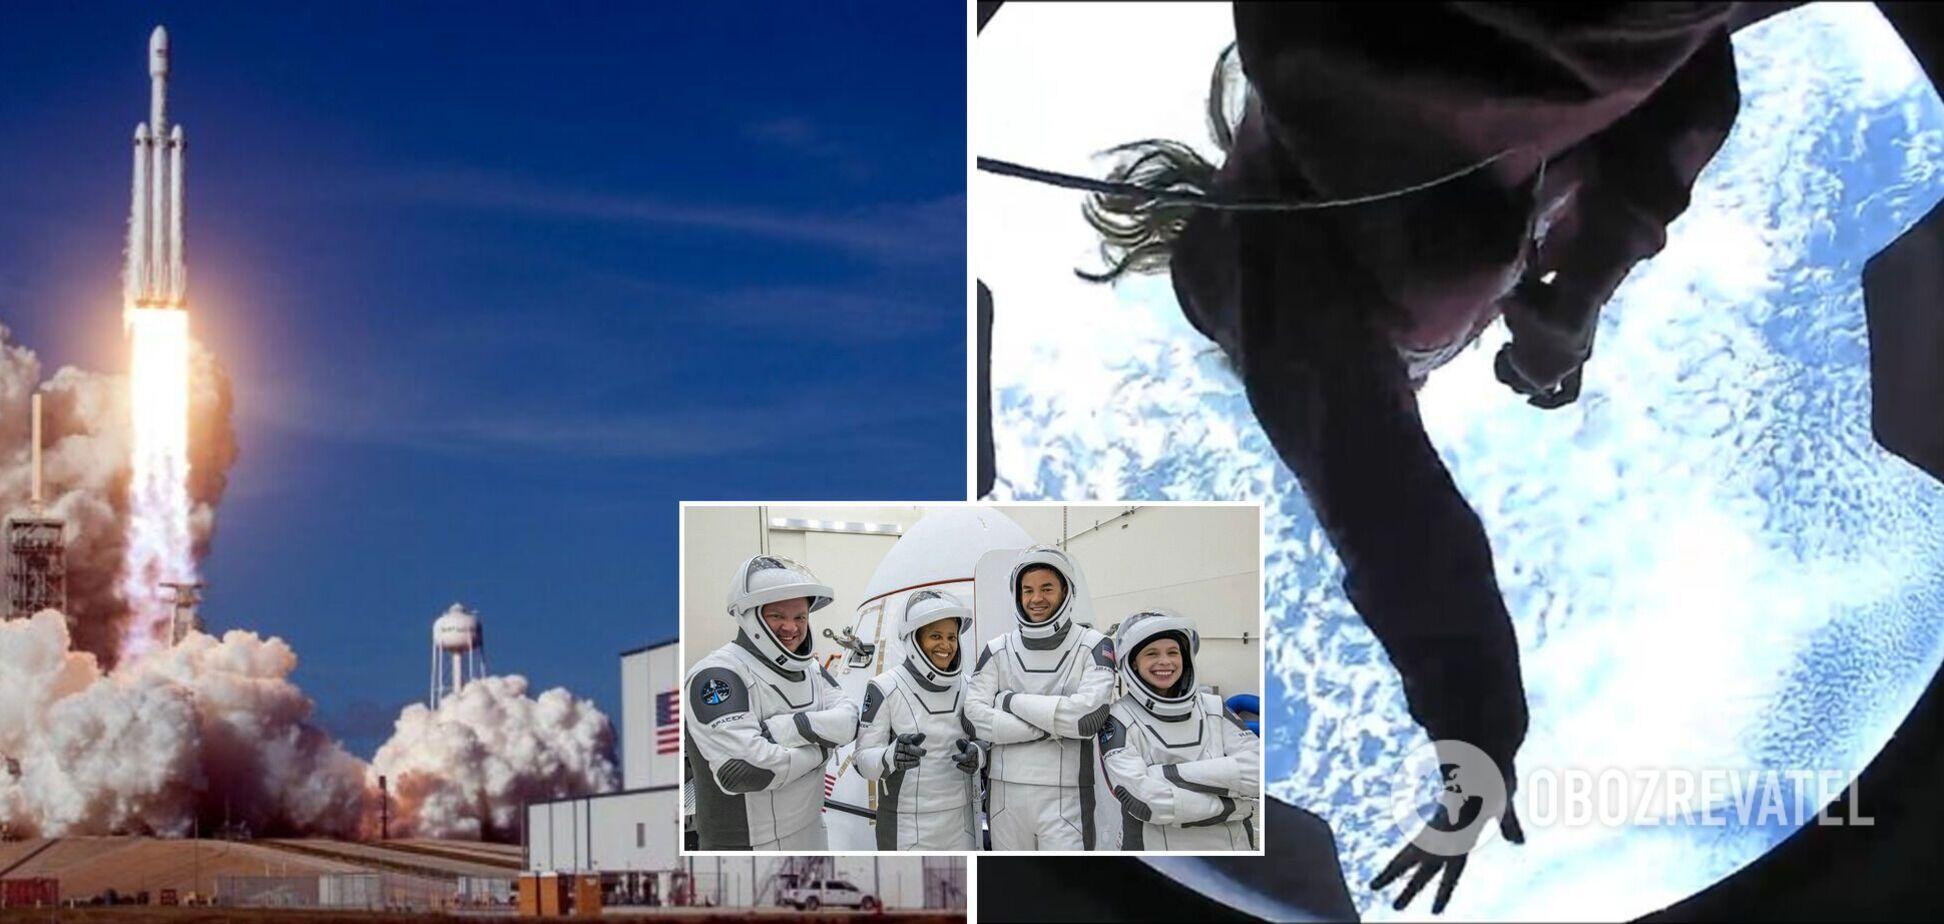 Участники туристической миссии Inspiration4 показали, как проводят время в космосе. Фото